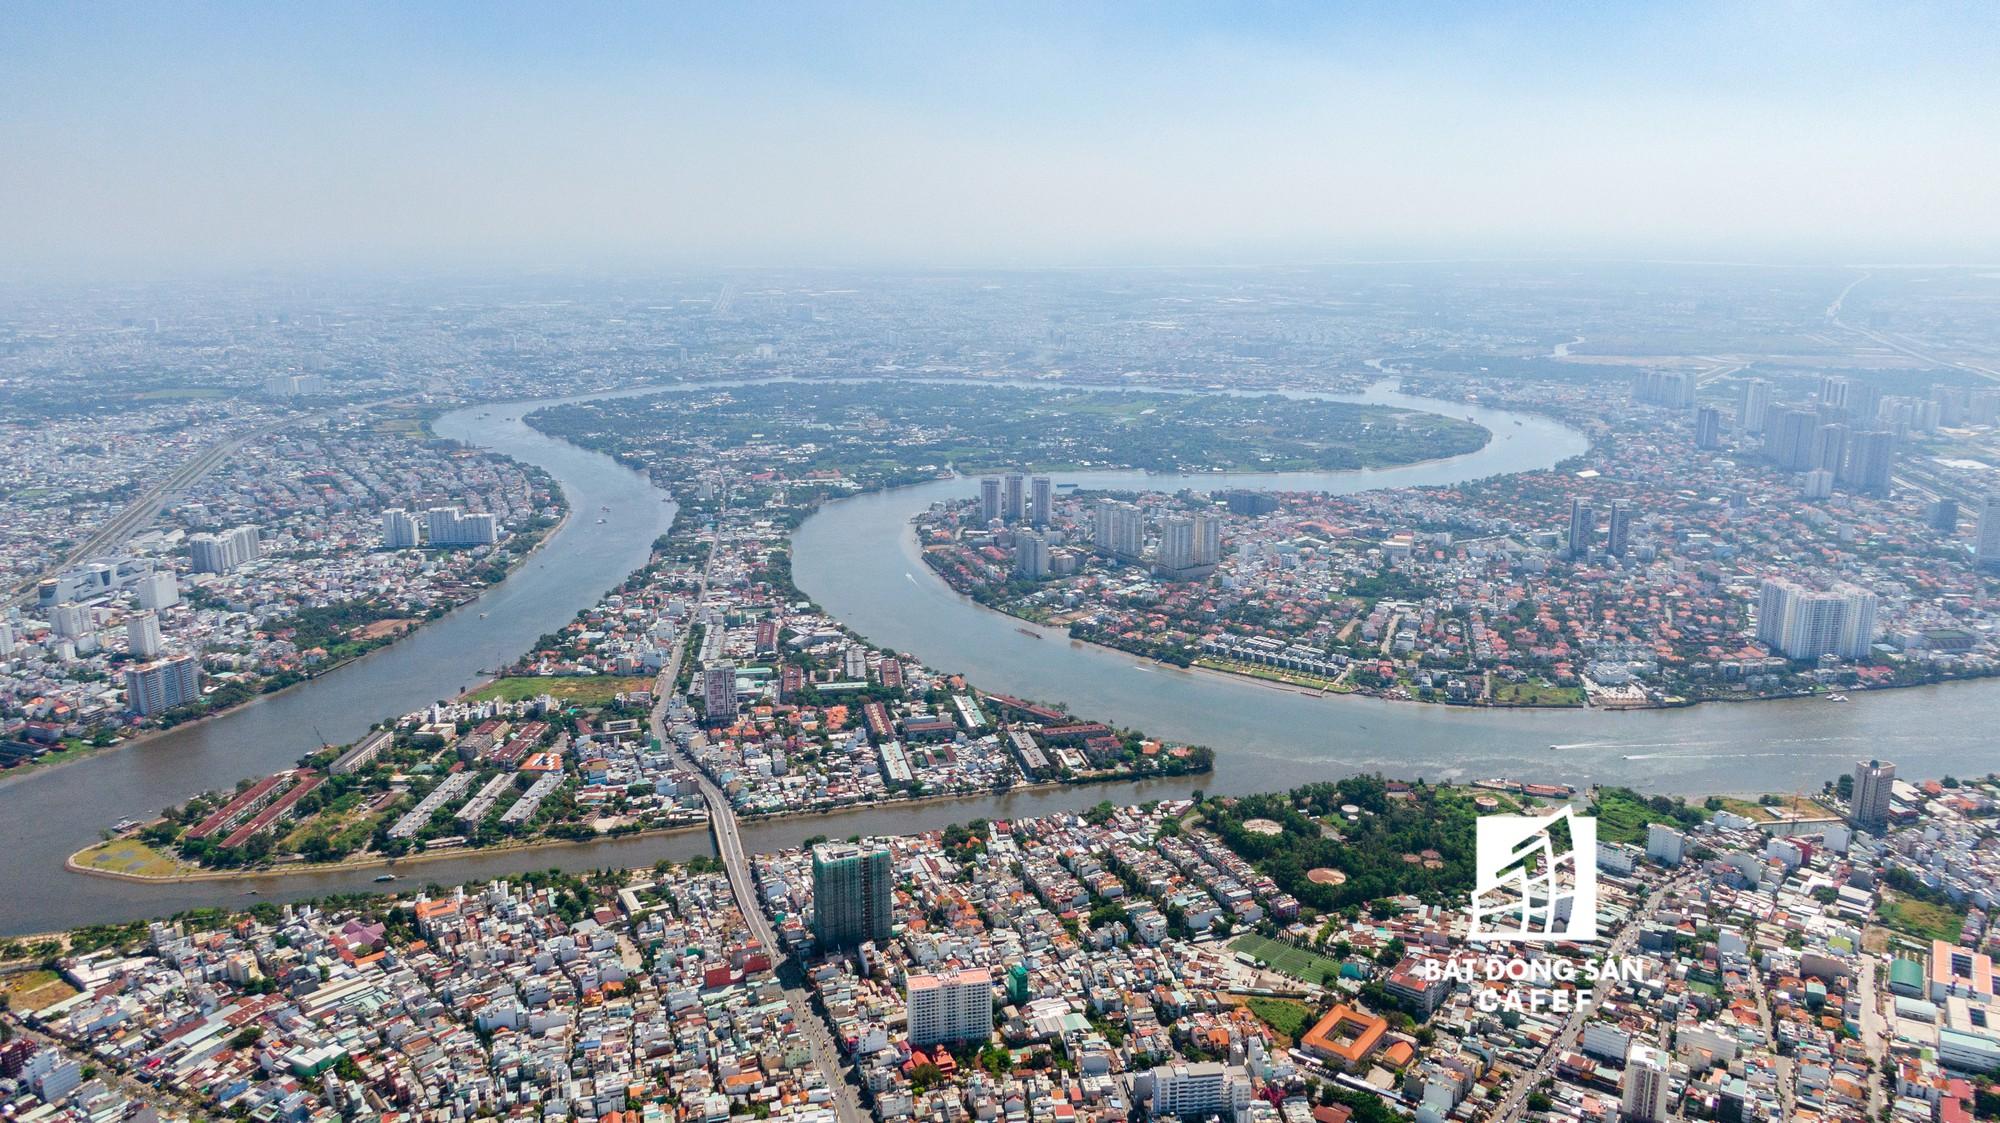 Nhà giàu cũng khóc trong những khu biệt thự sang chảnh bậc nhất Sài Gòn - Ảnh 19.